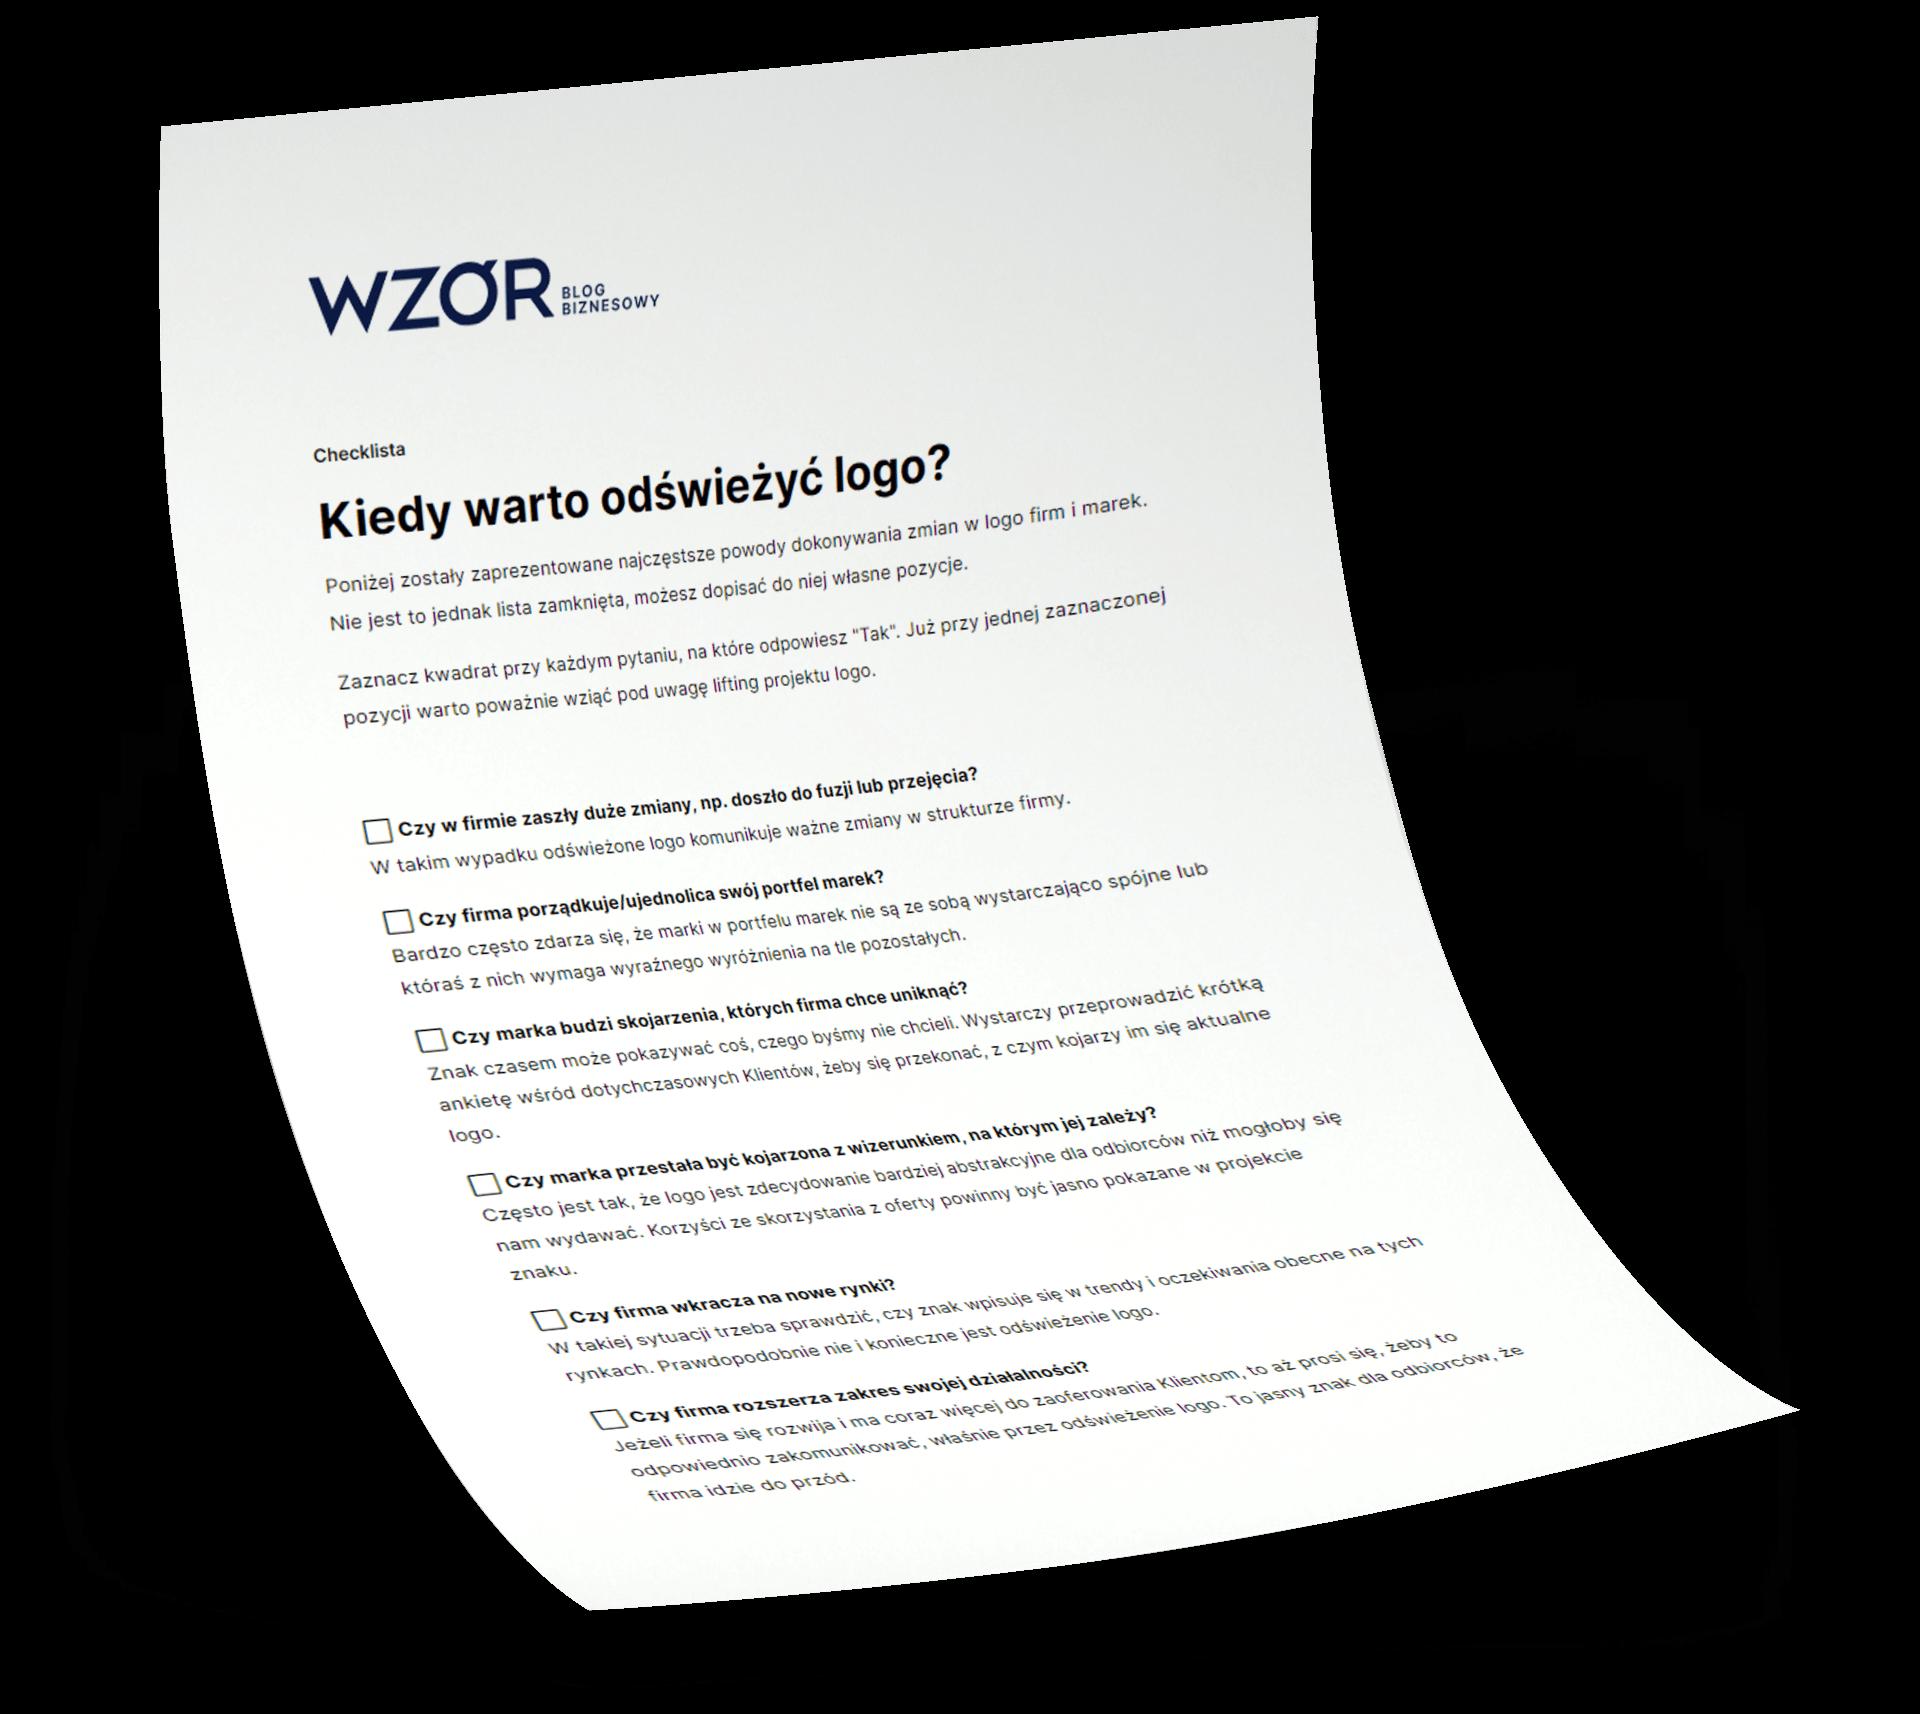 Kiedy warto odswiezyc logo scenariusz rozmowy wzor | studio graficzne wzór | jak przekonać zarząd do odświeżenia logo? Checklista do pobrania |